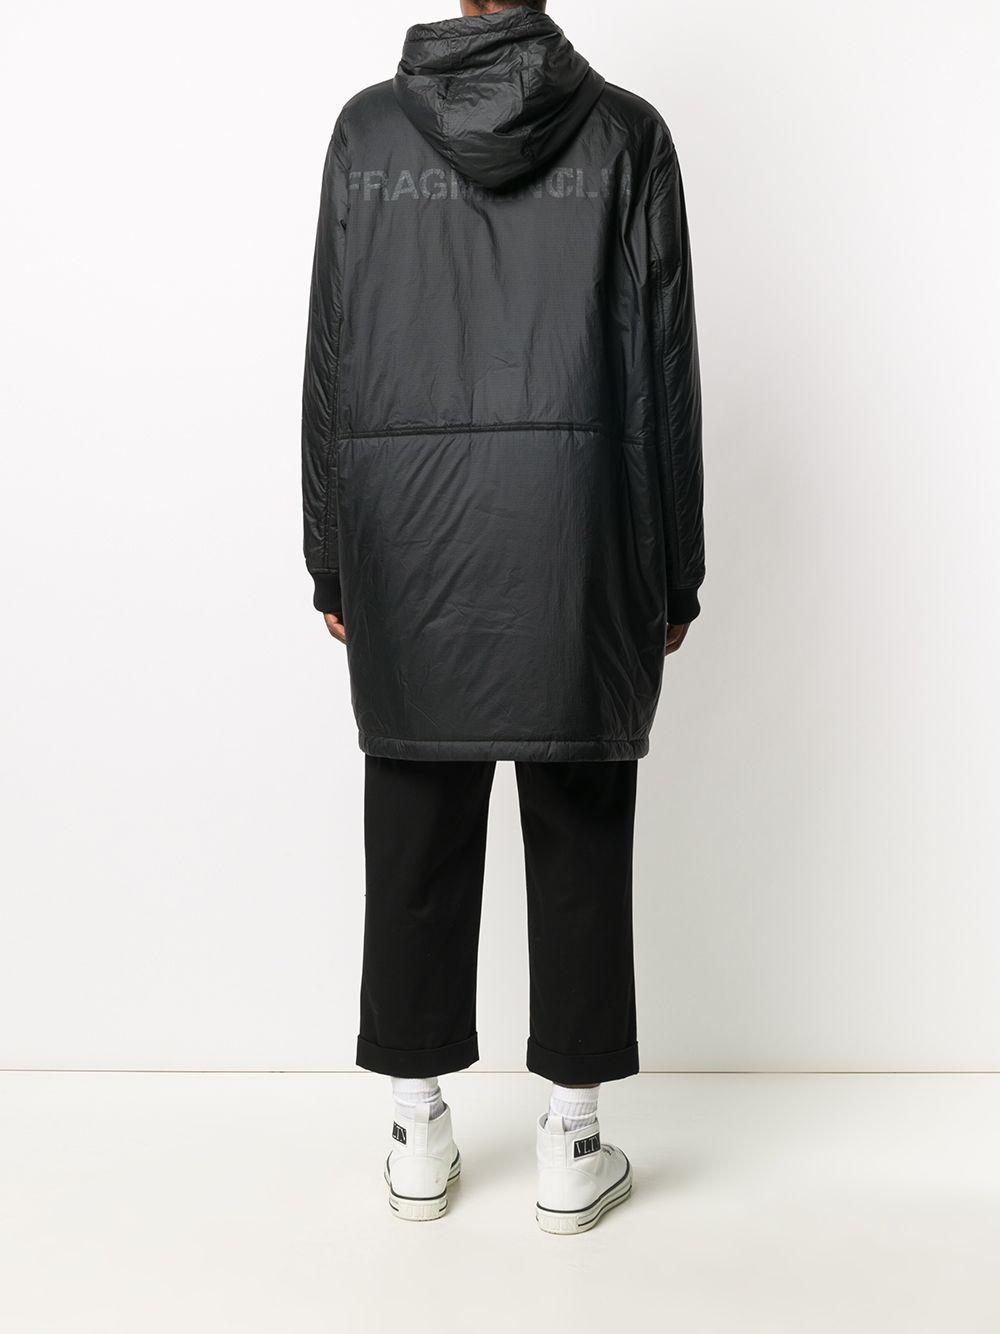 parka imbottito Bastonix  nero con cappuccio e chiusura zip MONCLER GENIUS   Impermeabili   BASTONX 1C800-10-68953999